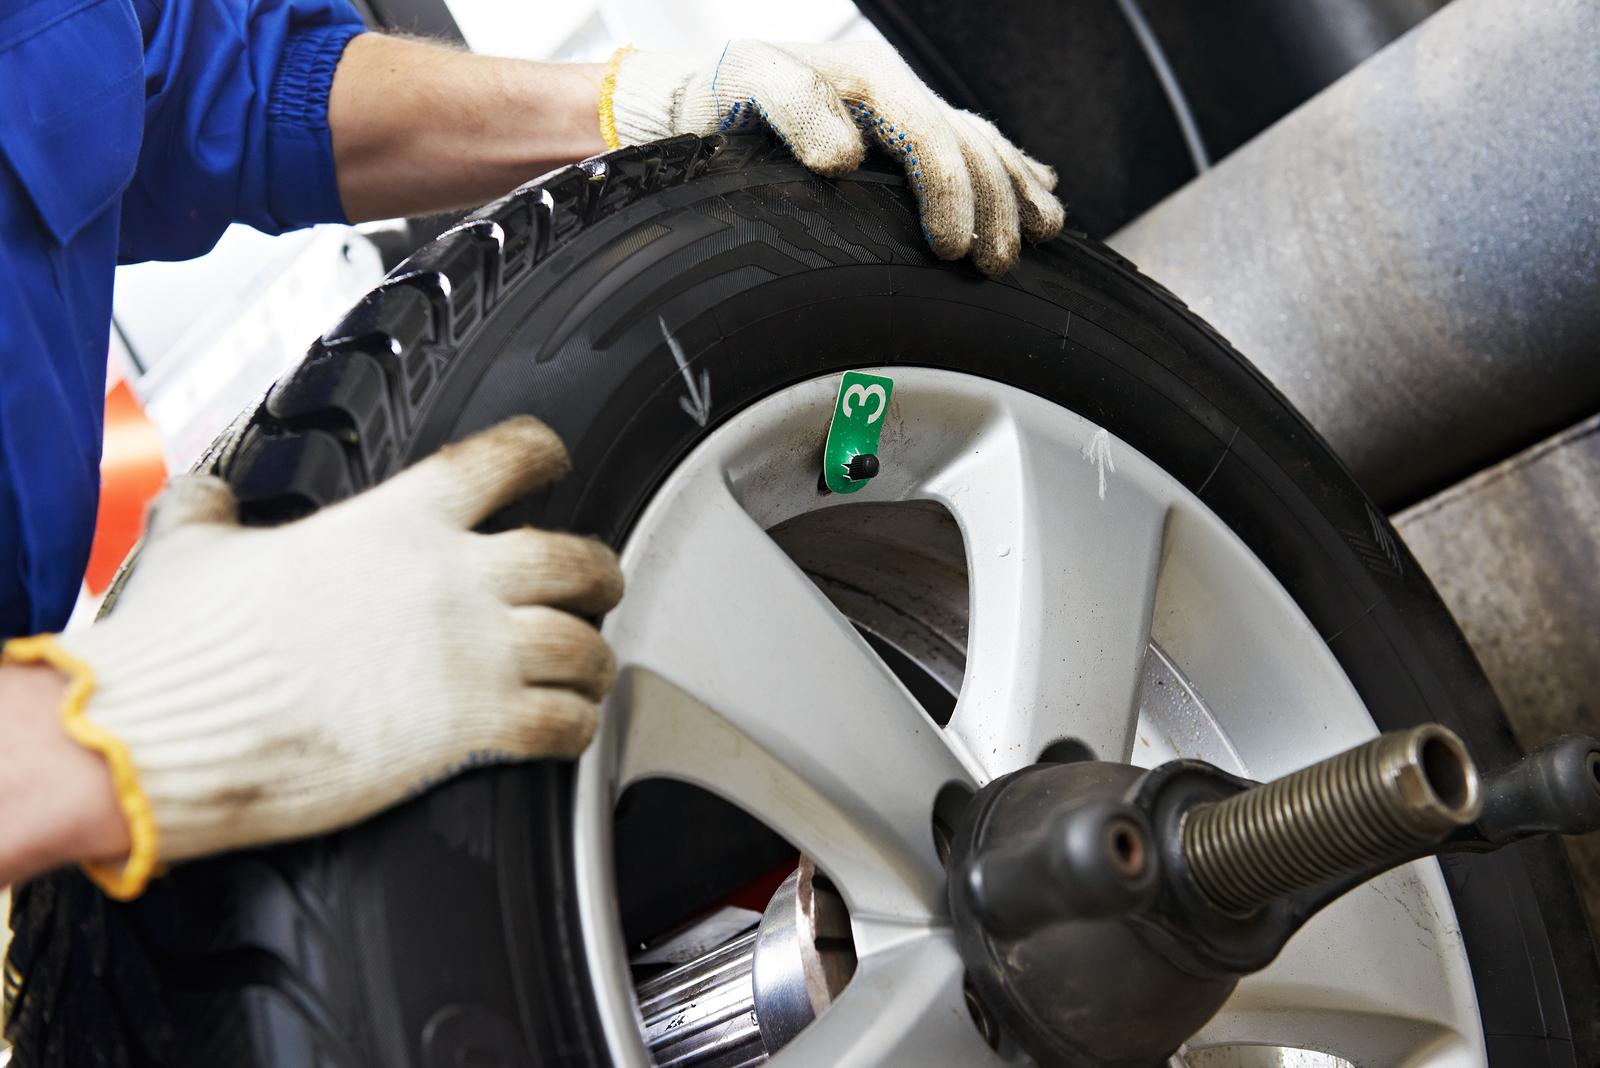 Балансировка колес, которую сможет осилить даже новичок